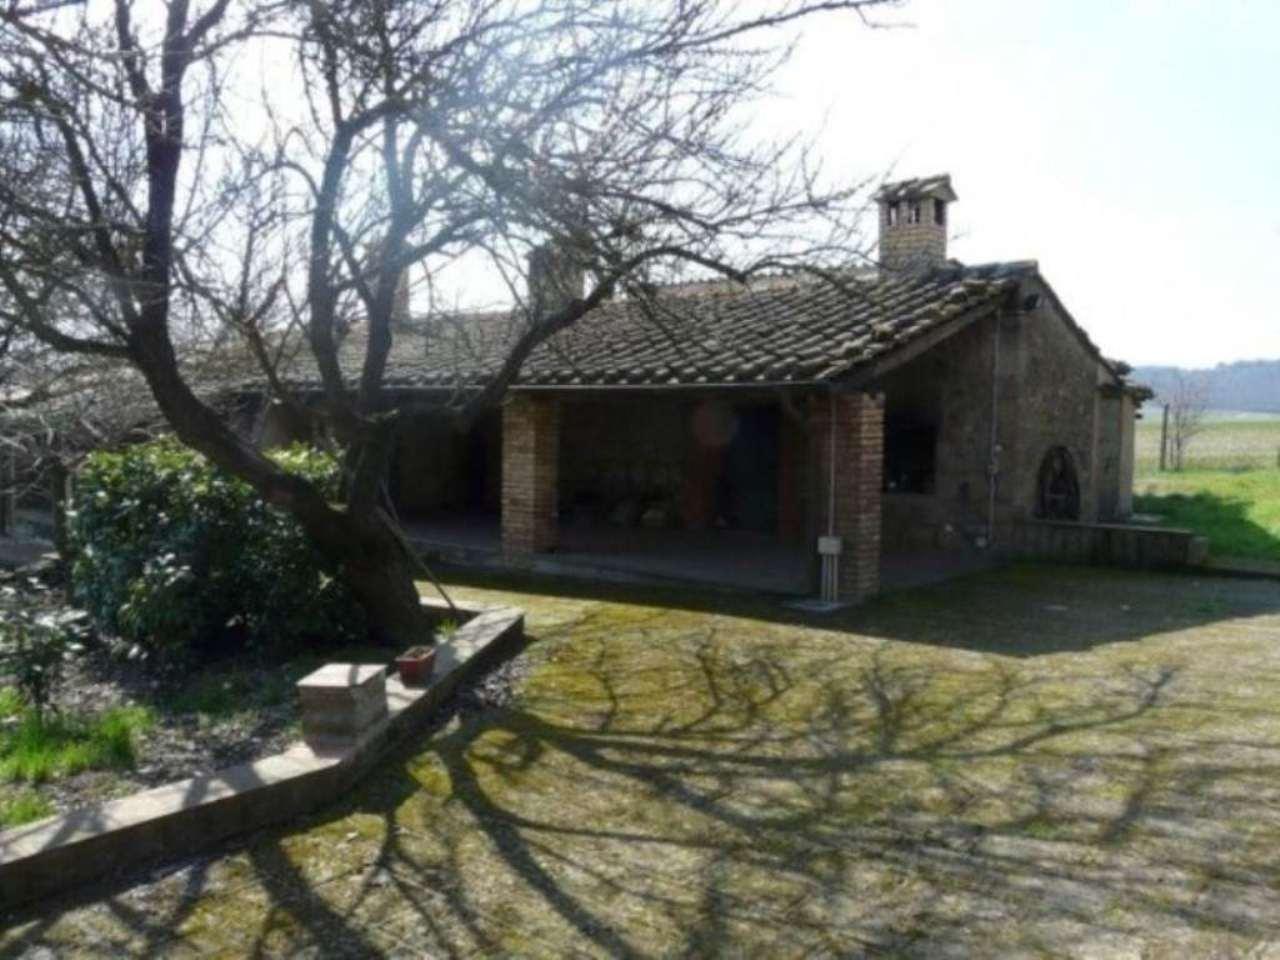 Rustico / Casale in affitto a Graffignano, 5 locali, prezzo € 950 | Cambio Casa.it